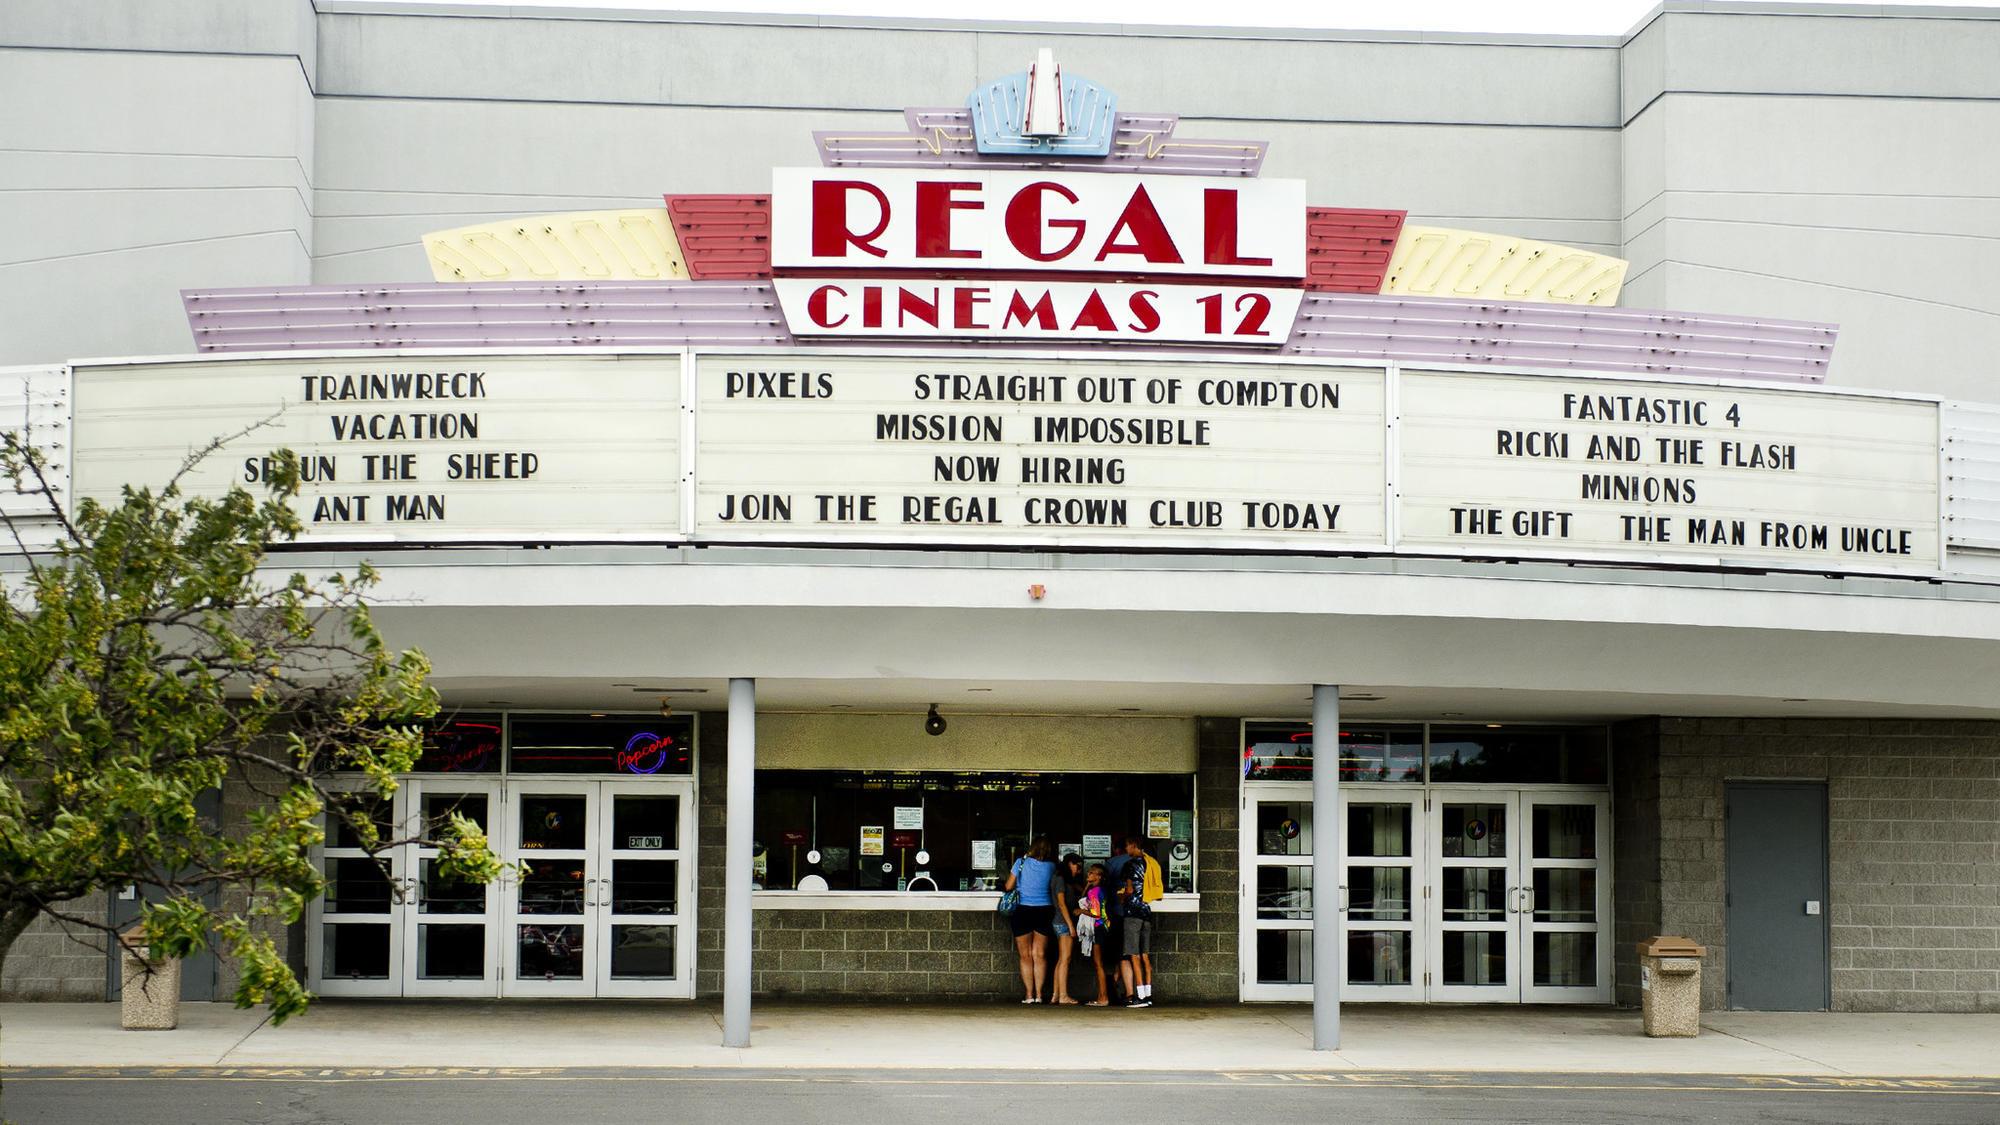 Movies for regal cinemas / Seiko pulsar